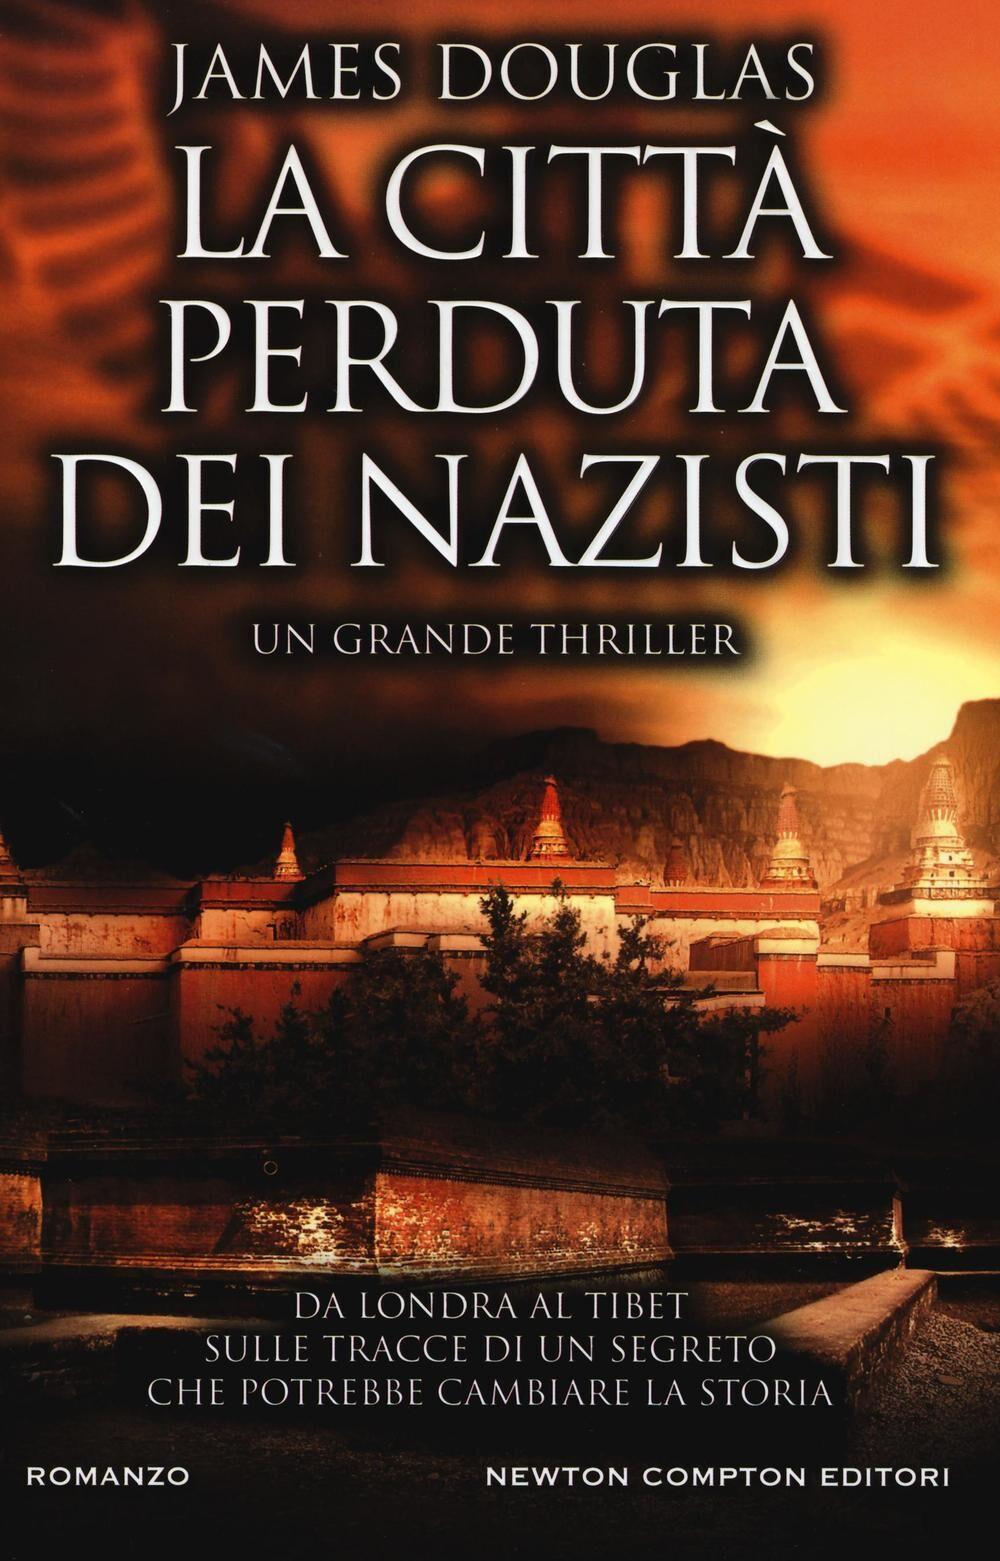 La città perduta dei nazisti